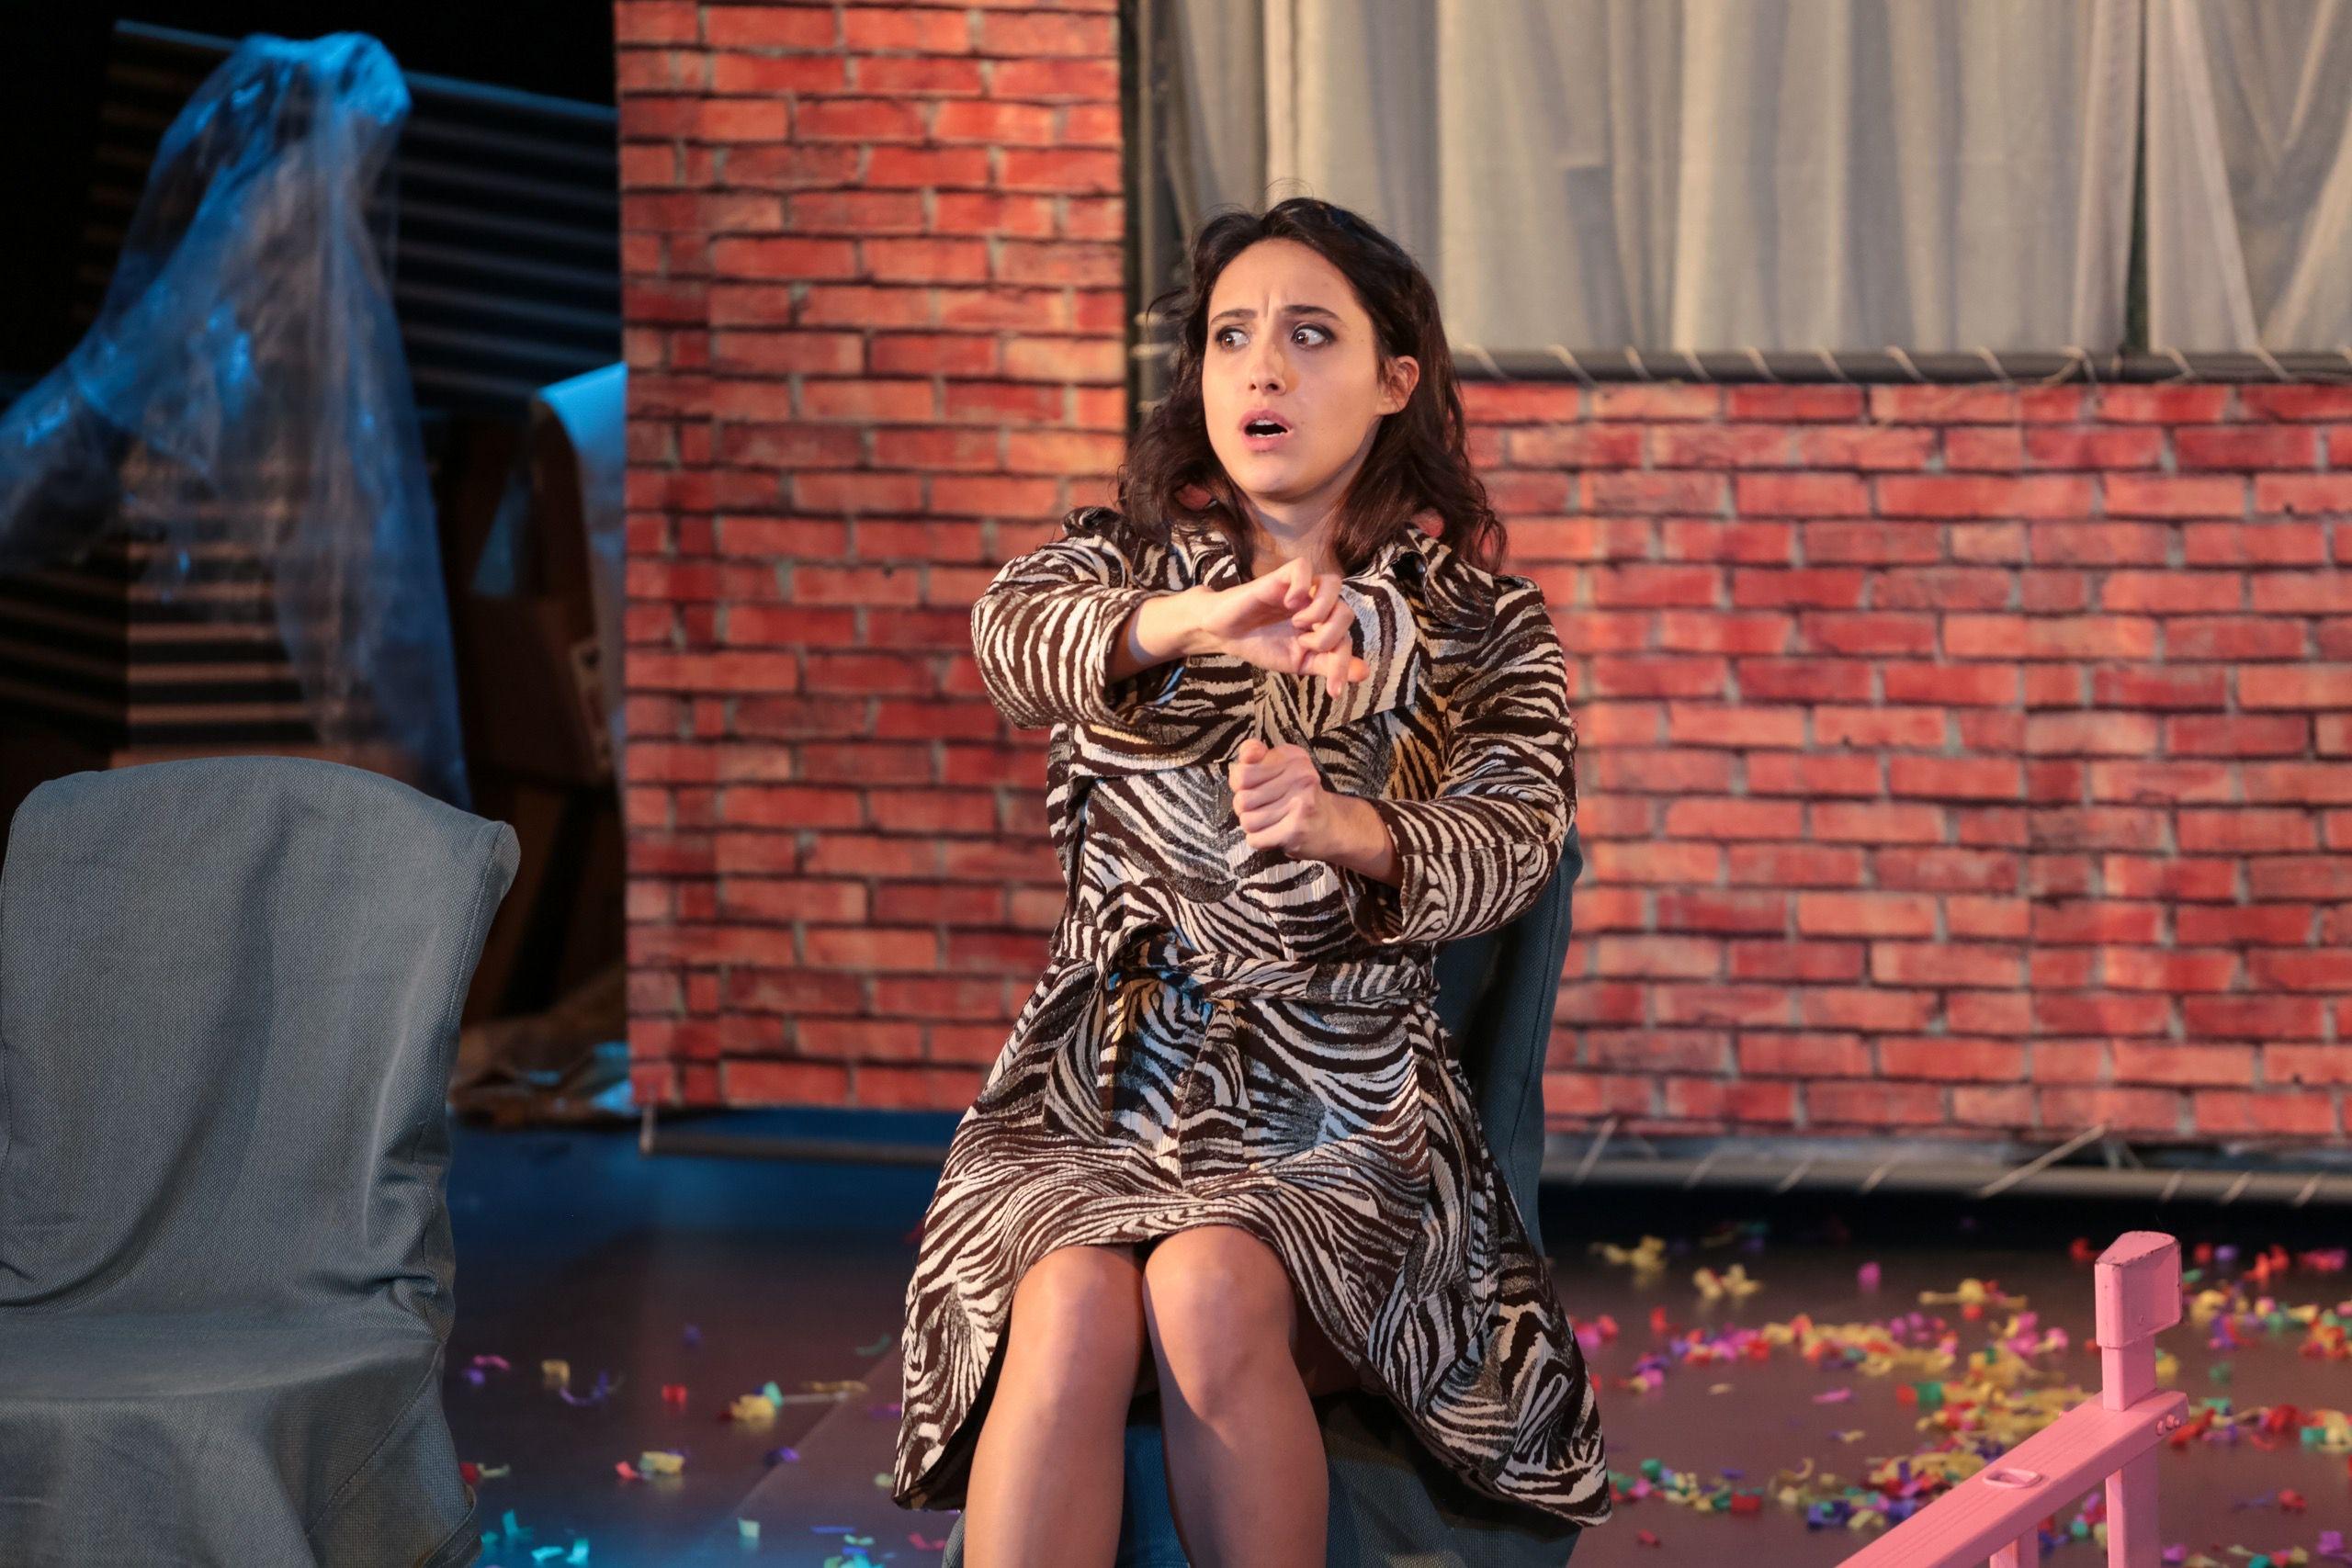 Спектакль «Пила вино и хохотала. Белое» в постановке «Театра двух» (Санкт-Петербург) фото 9